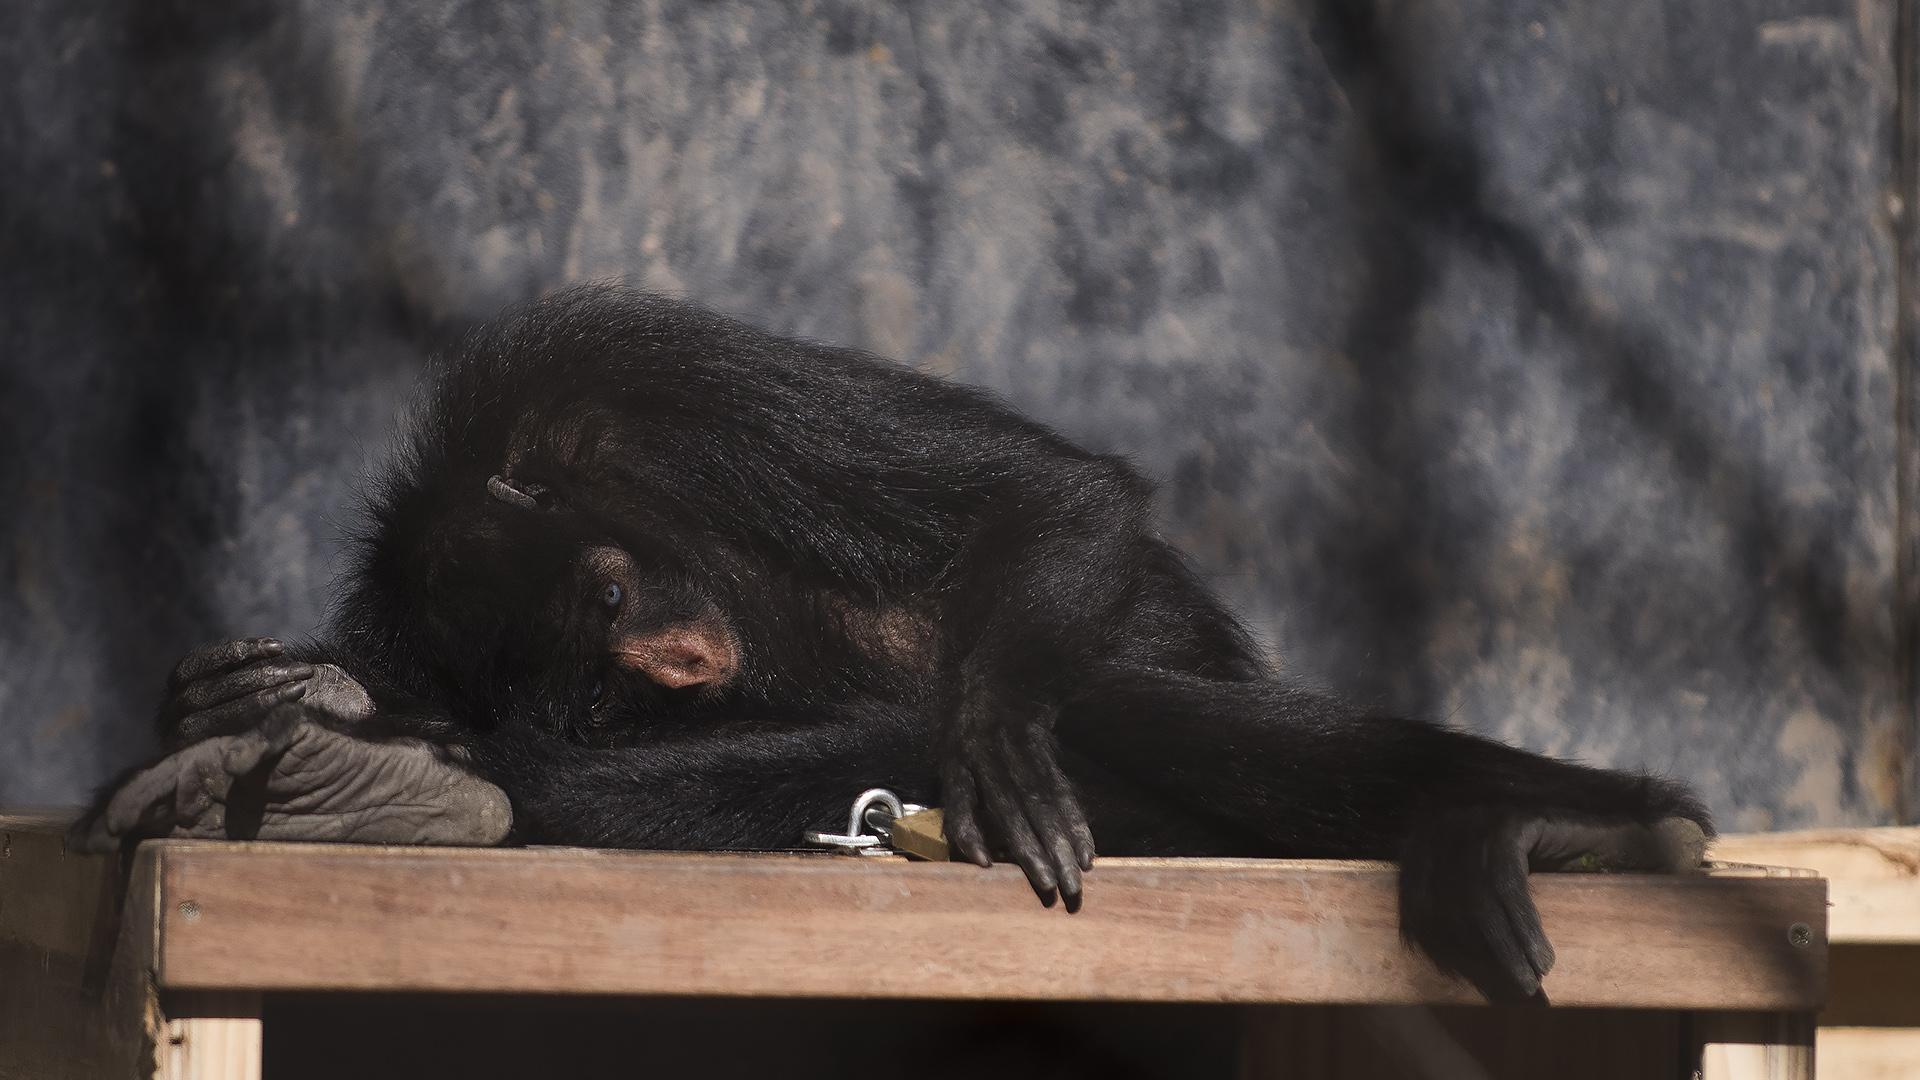 Las autoridades del Ecoparque no se apresuran a dar fechas para los traslados de los animales. Muchos nacieron en cautiverio. (Adrián Escandar)